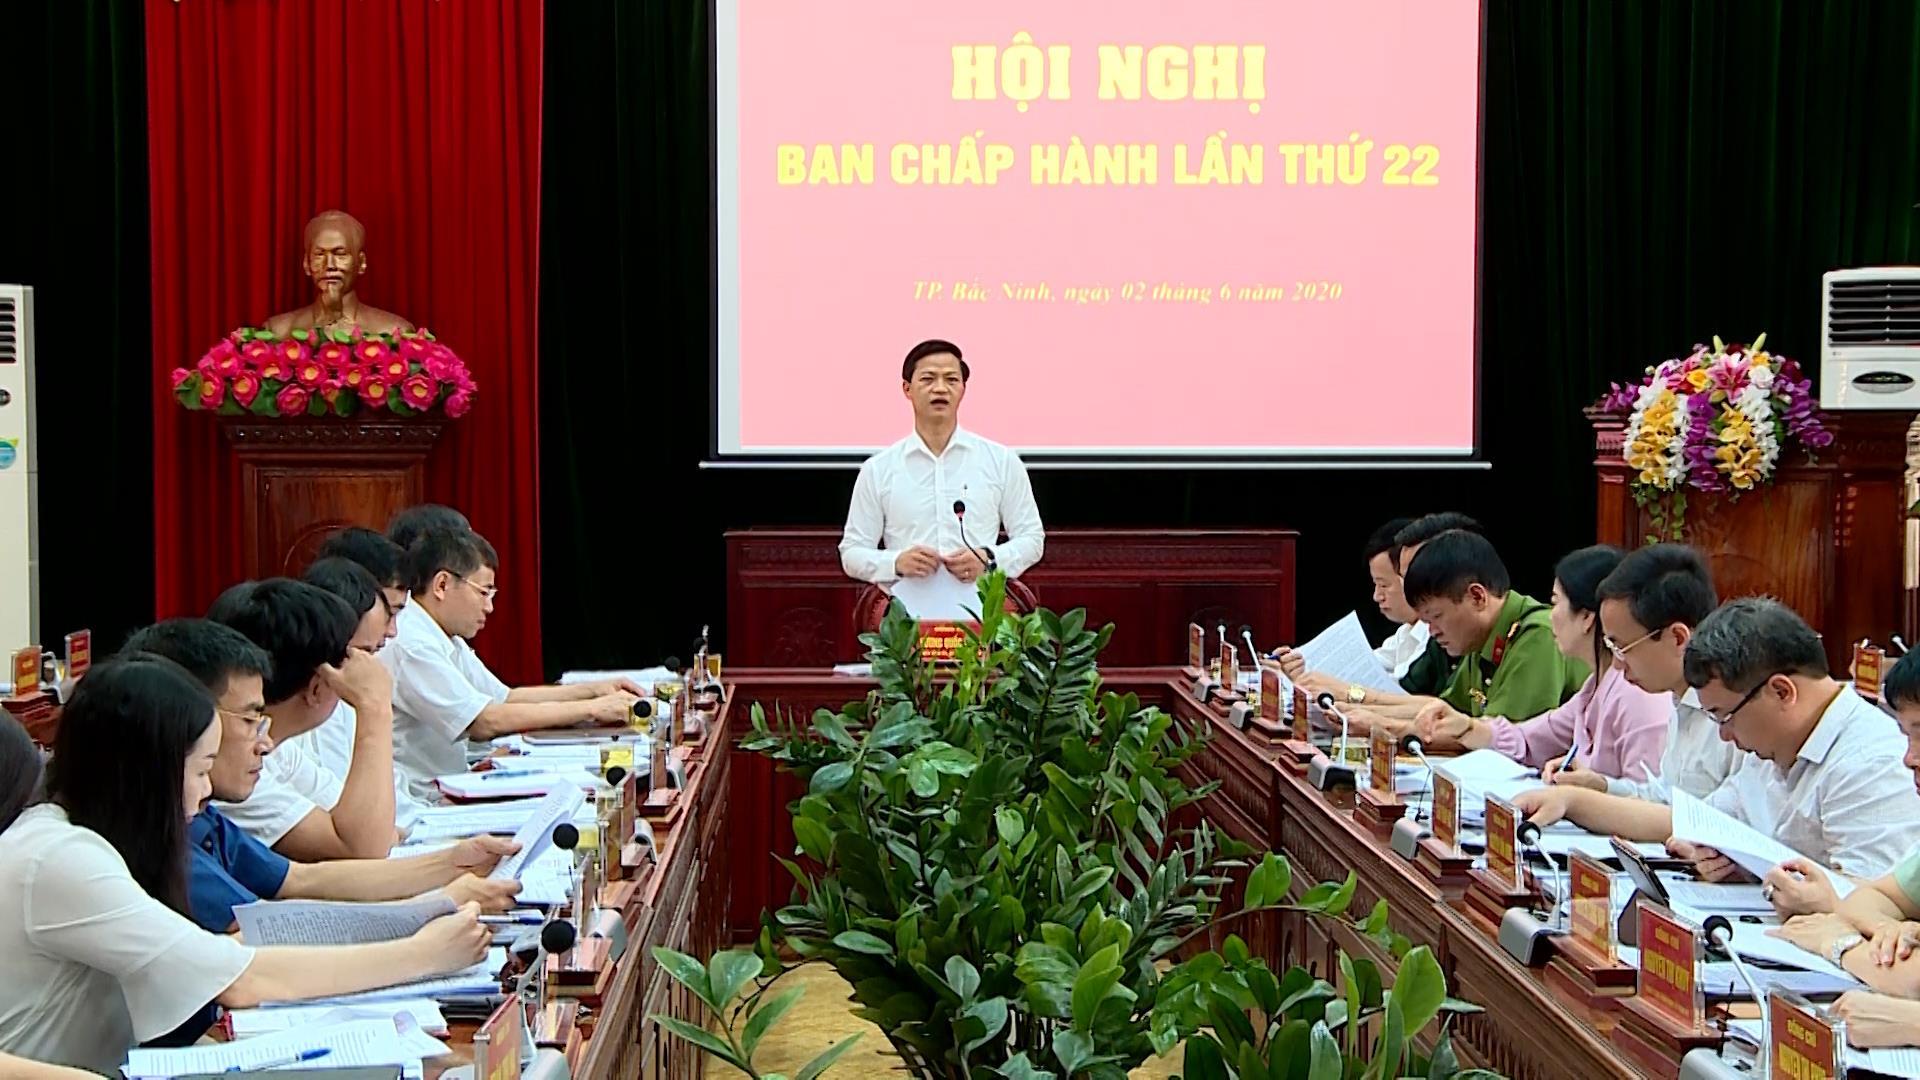 Hội nghị Ban Chấp hành Đảng bộ thành phố Bắc Ninh lần thứ 22